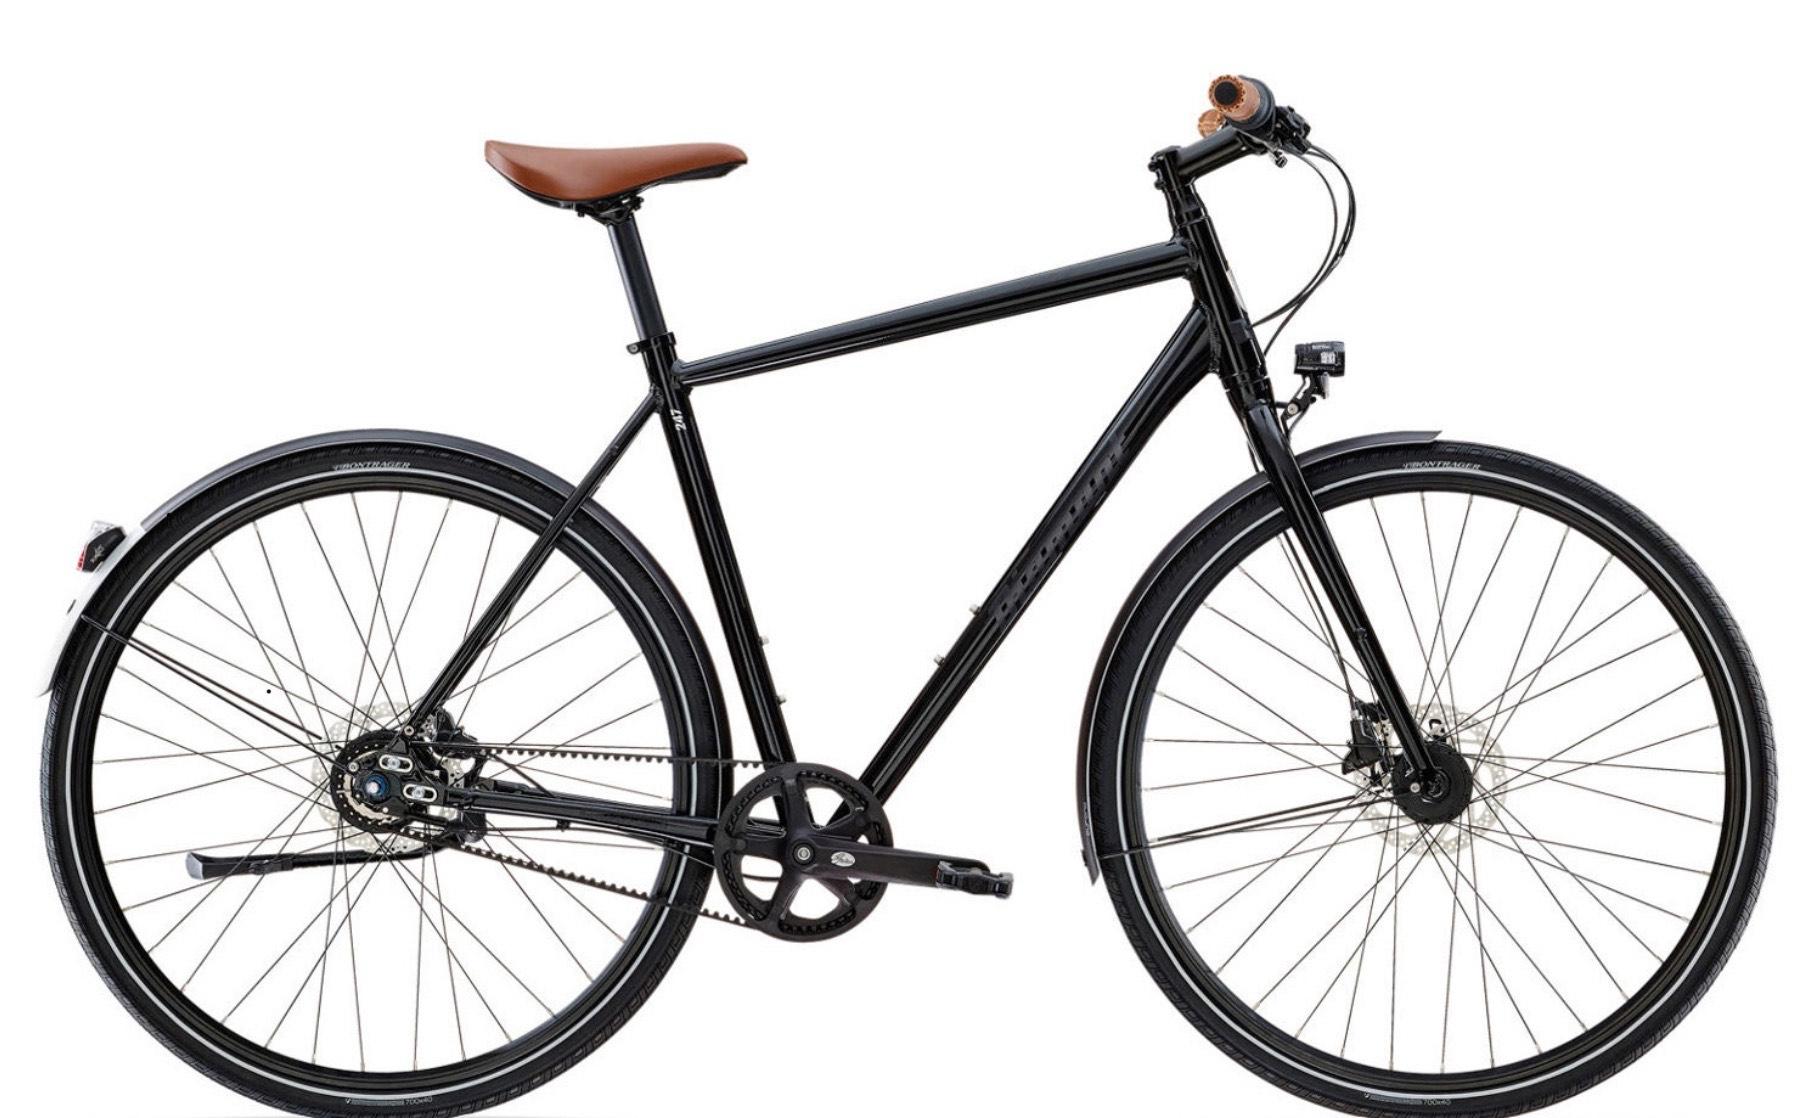 Engelhorn Sport 15% auf Outdoor - z.B. Fahrrad von Cube, Diamant, Brompton 15% reduziert + 6% Shoop